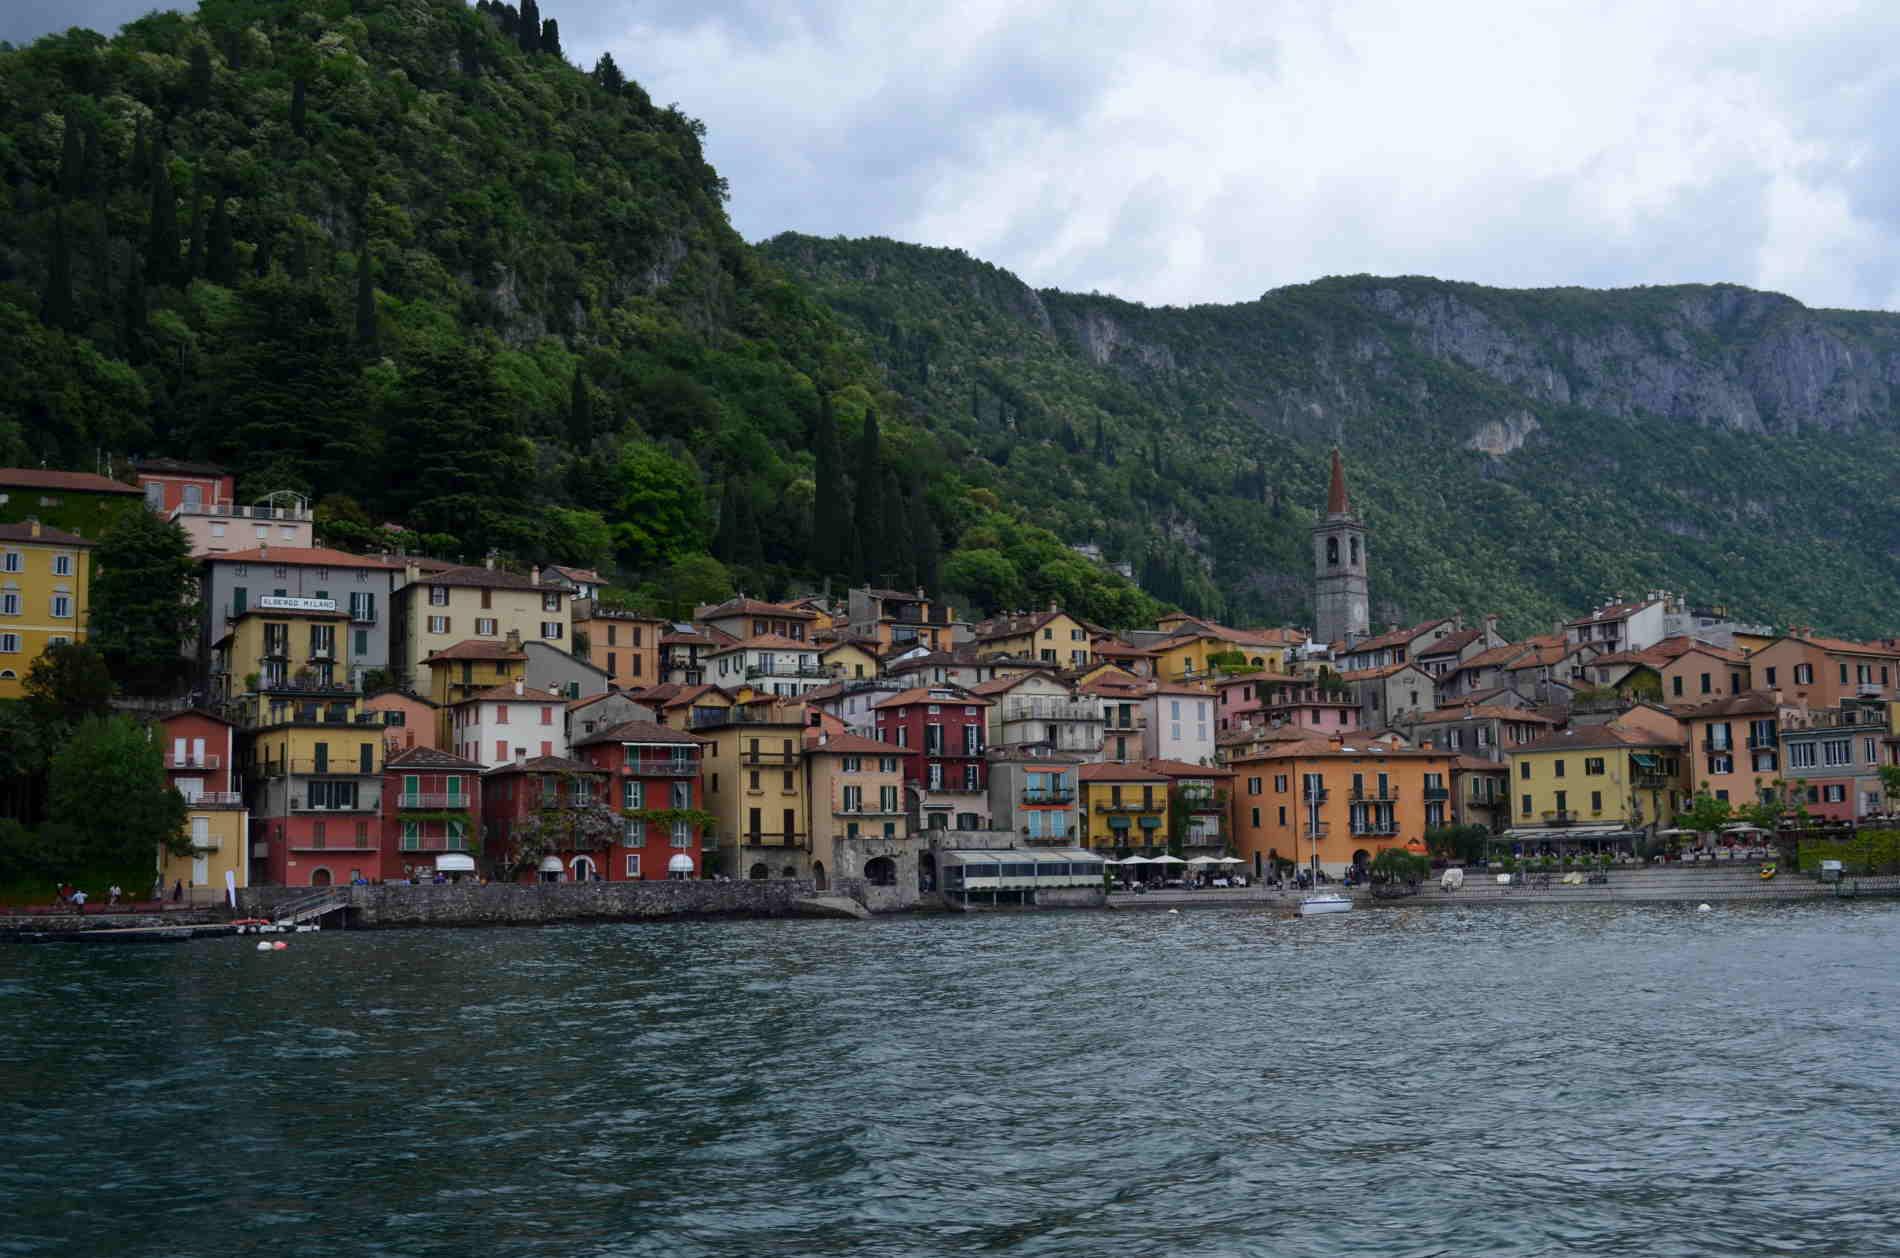 4 chiacchiere con la Travel Blogger Chiara e spuntidiviaggio Lecco